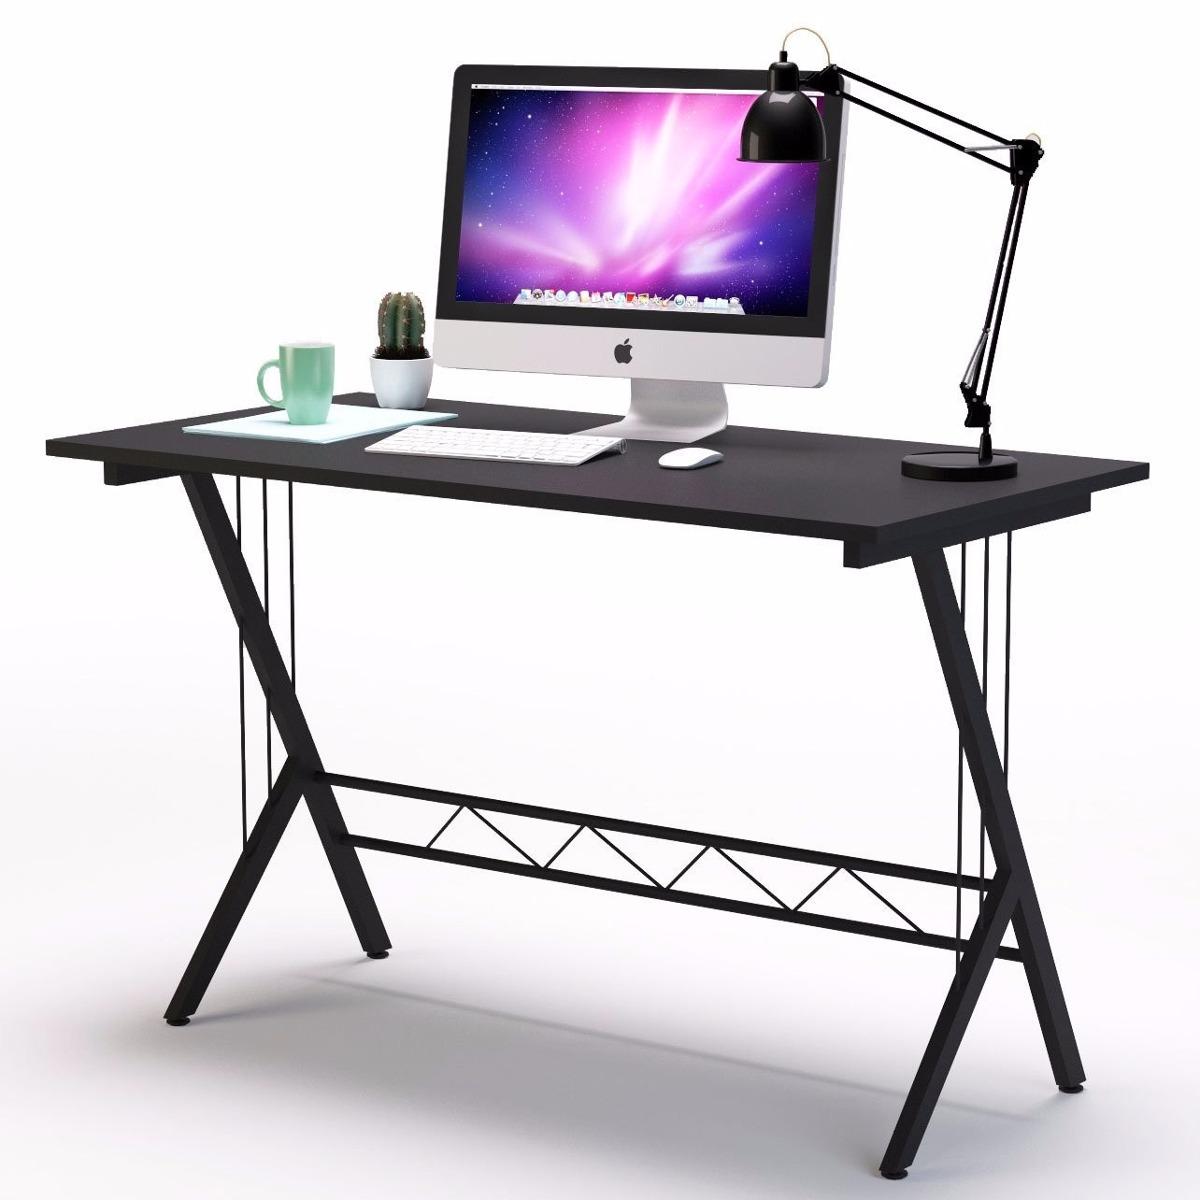 Mueble Para Computadora Modernos En Mercado Libre M Xico # Muebles Ergonomicos Para Computadora